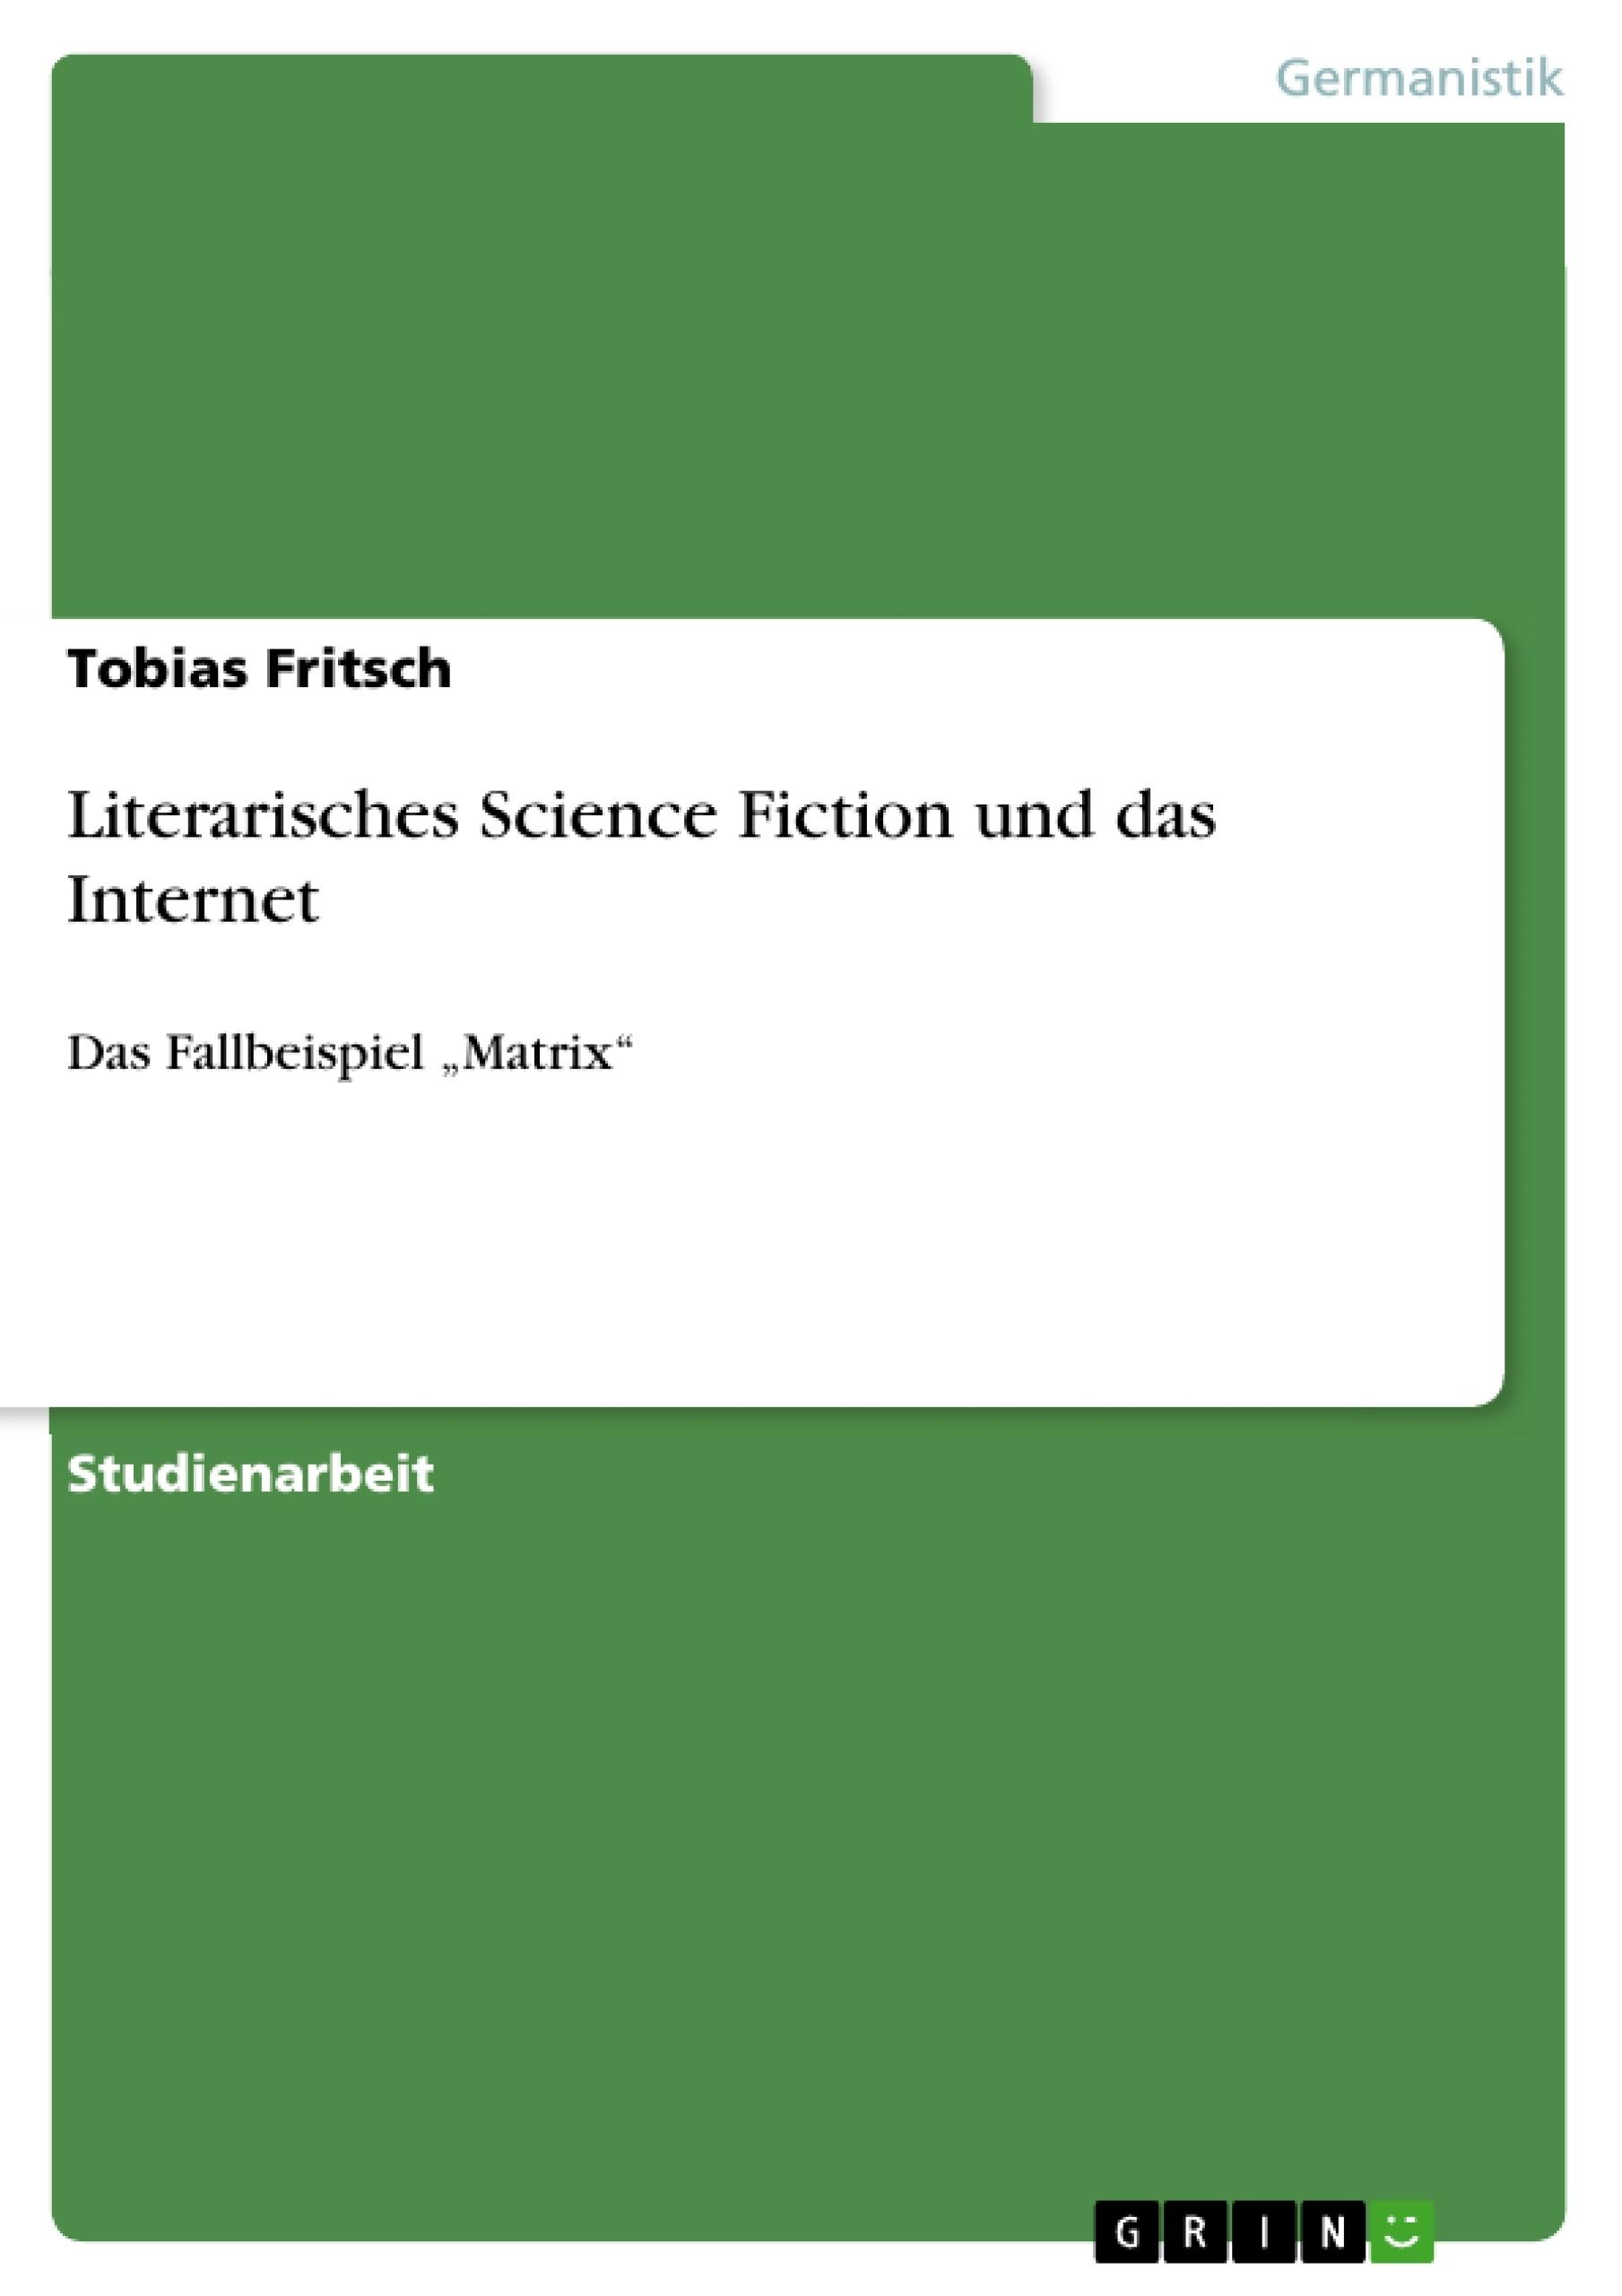 Titel: Literarisches Science Fiction und das Internet